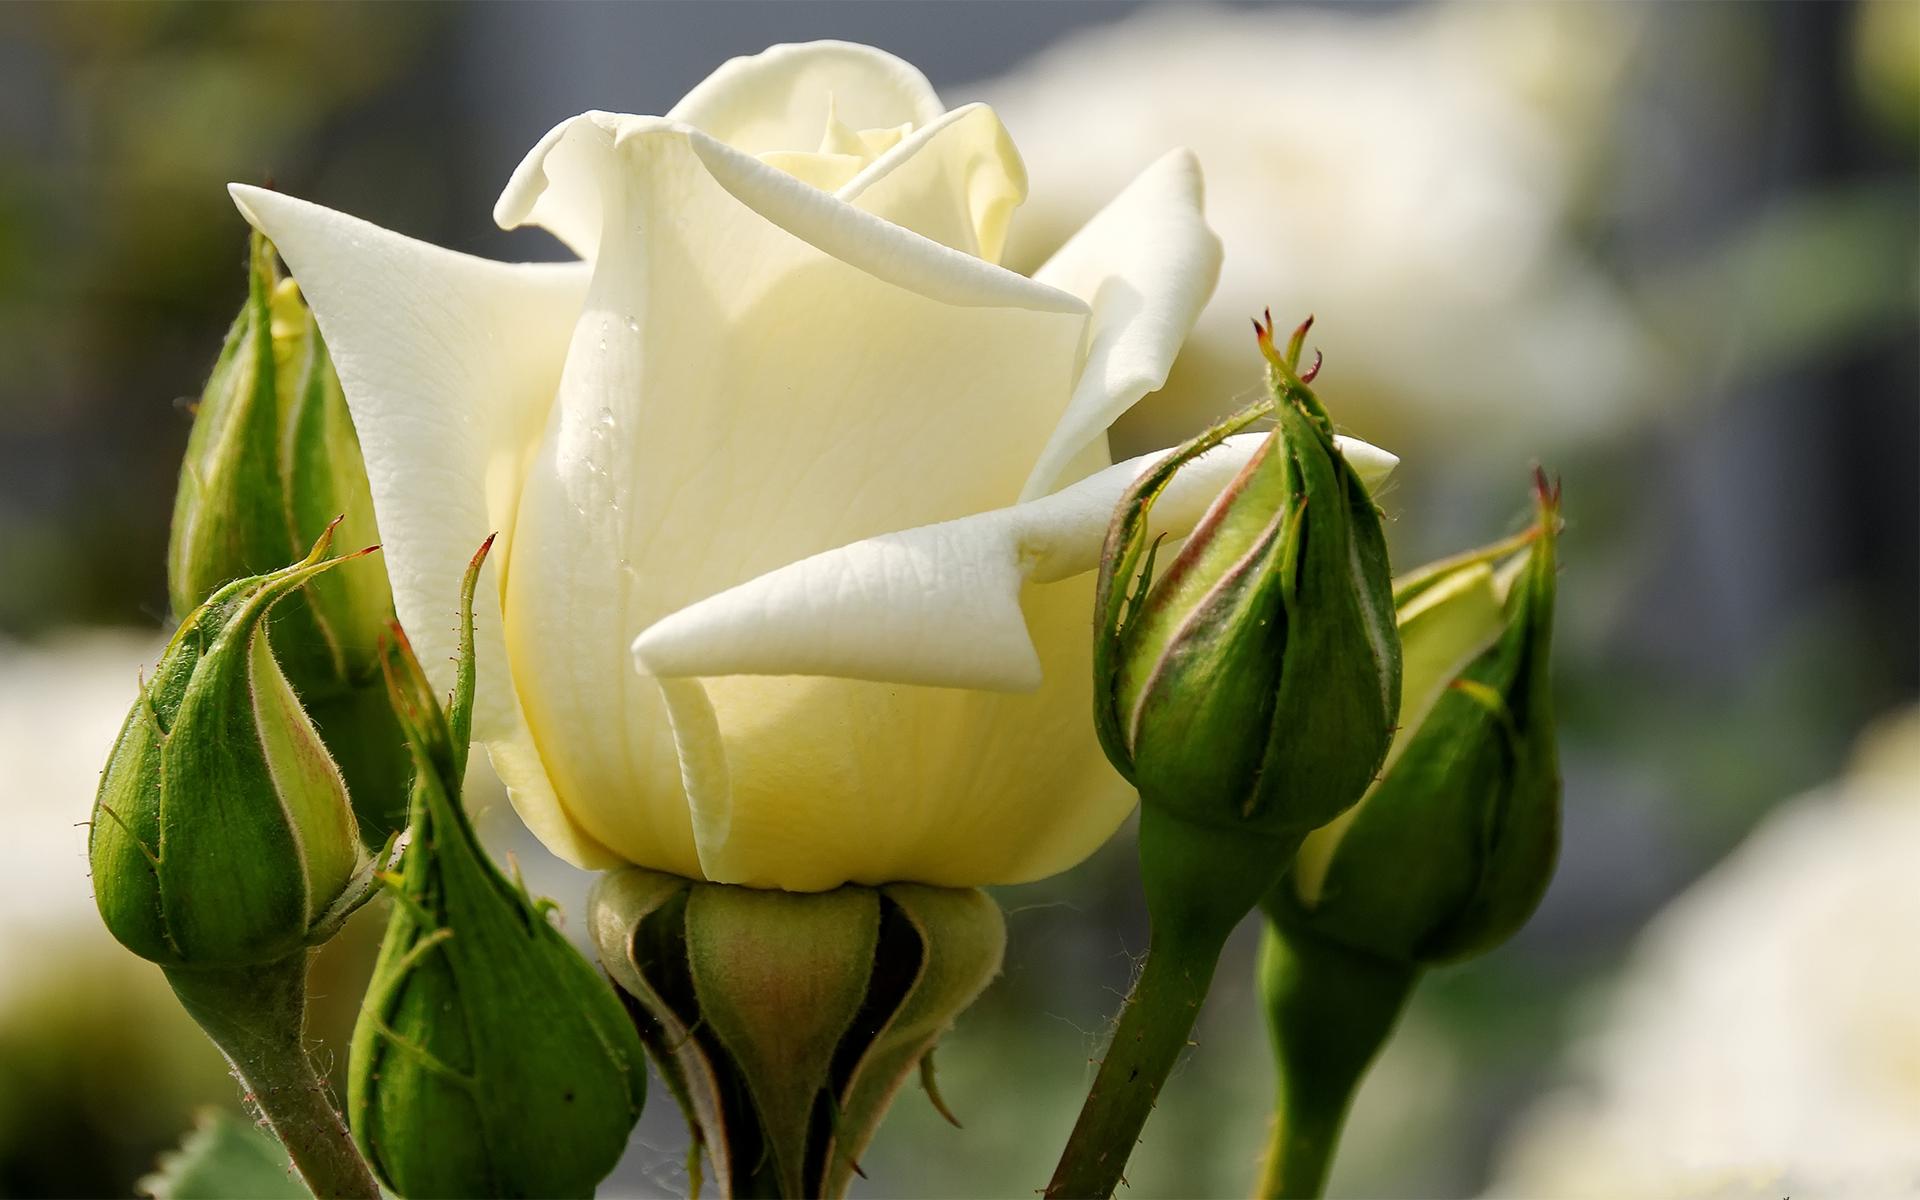 открытка одна крупная роза контент для